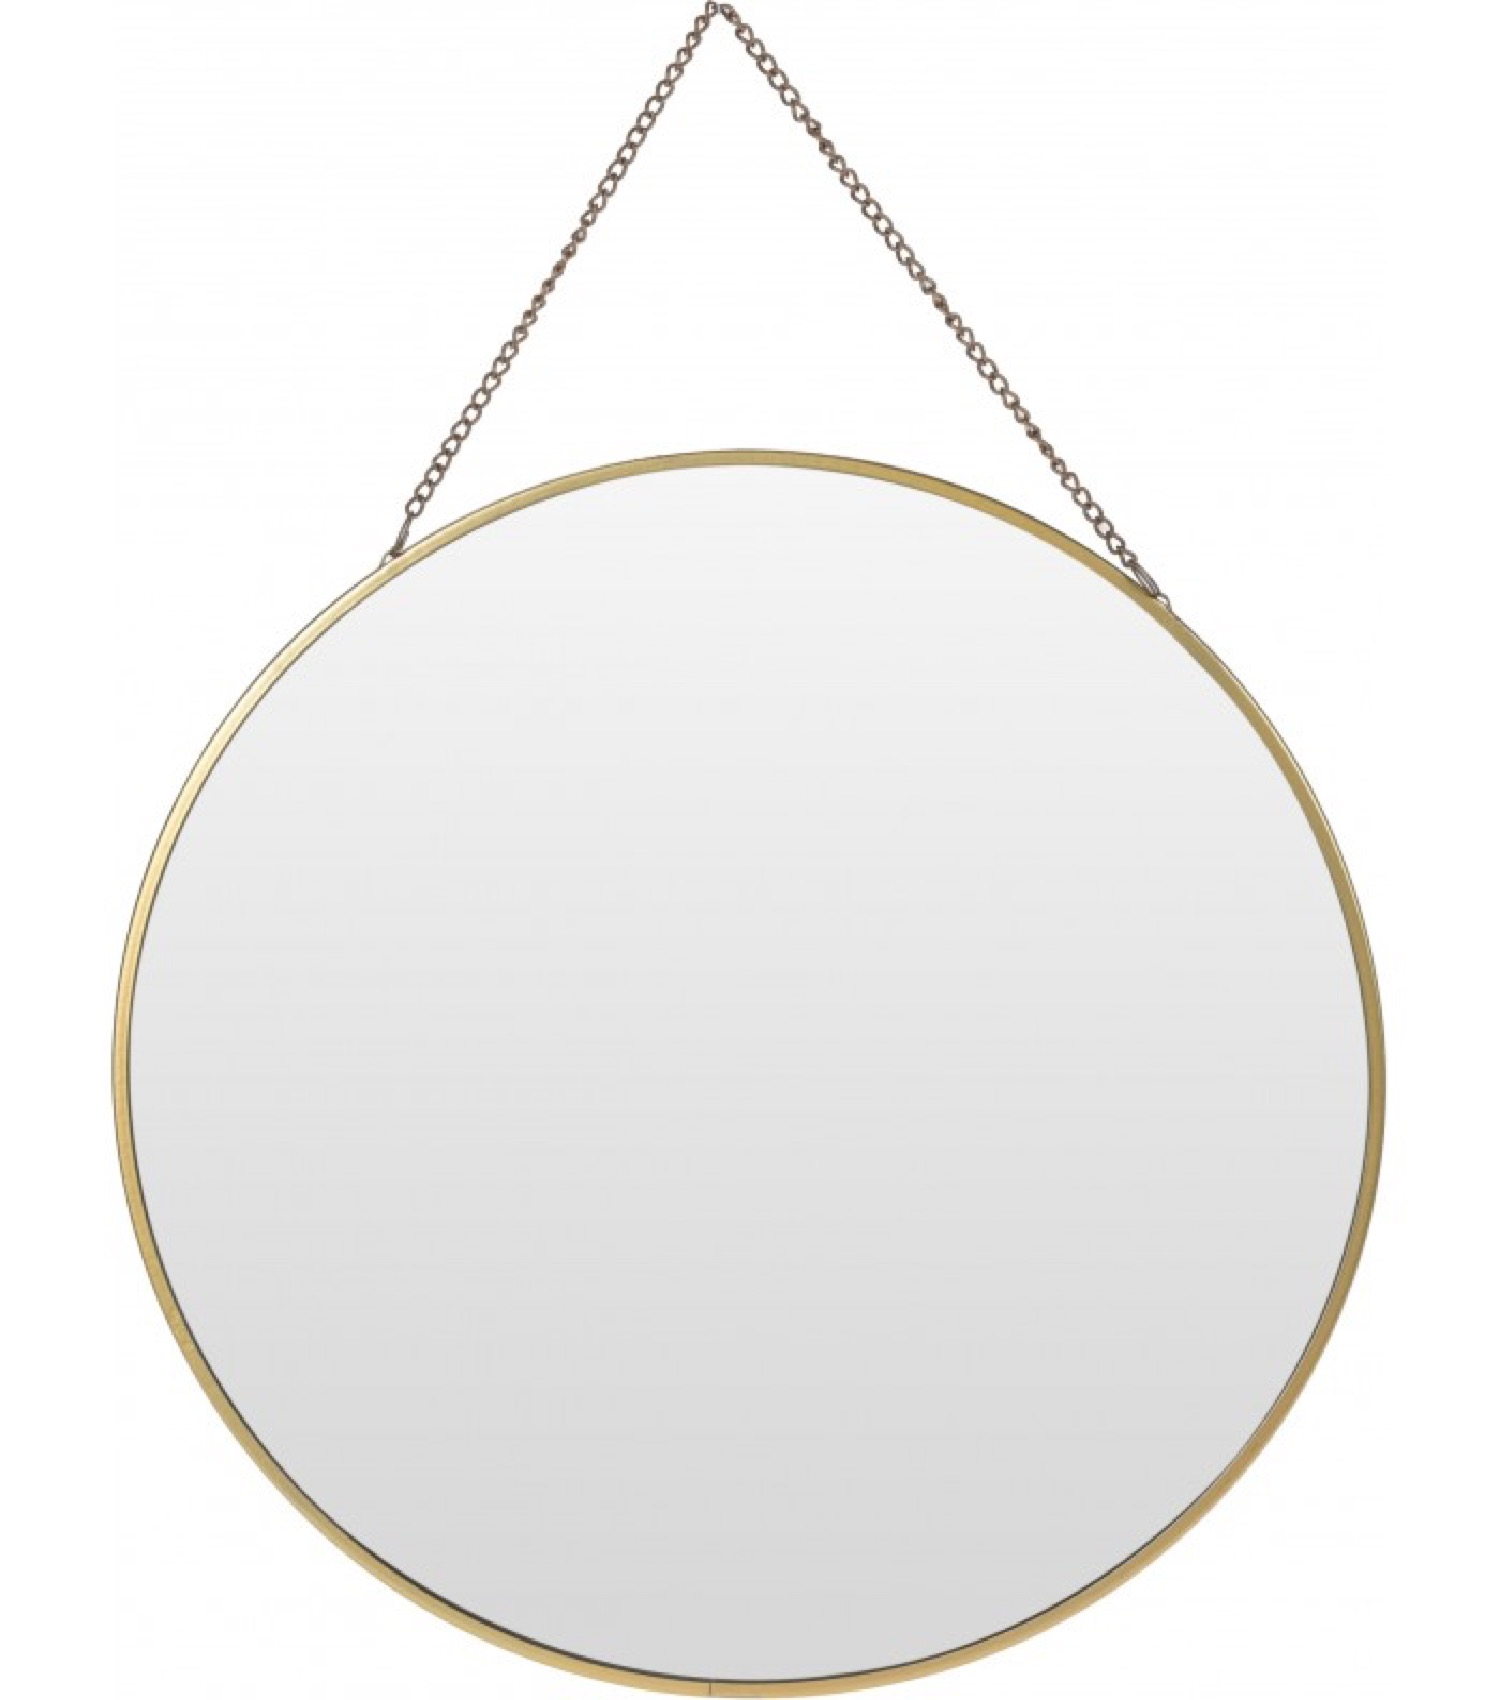 Miroir doré suspendu avec chaînette D29